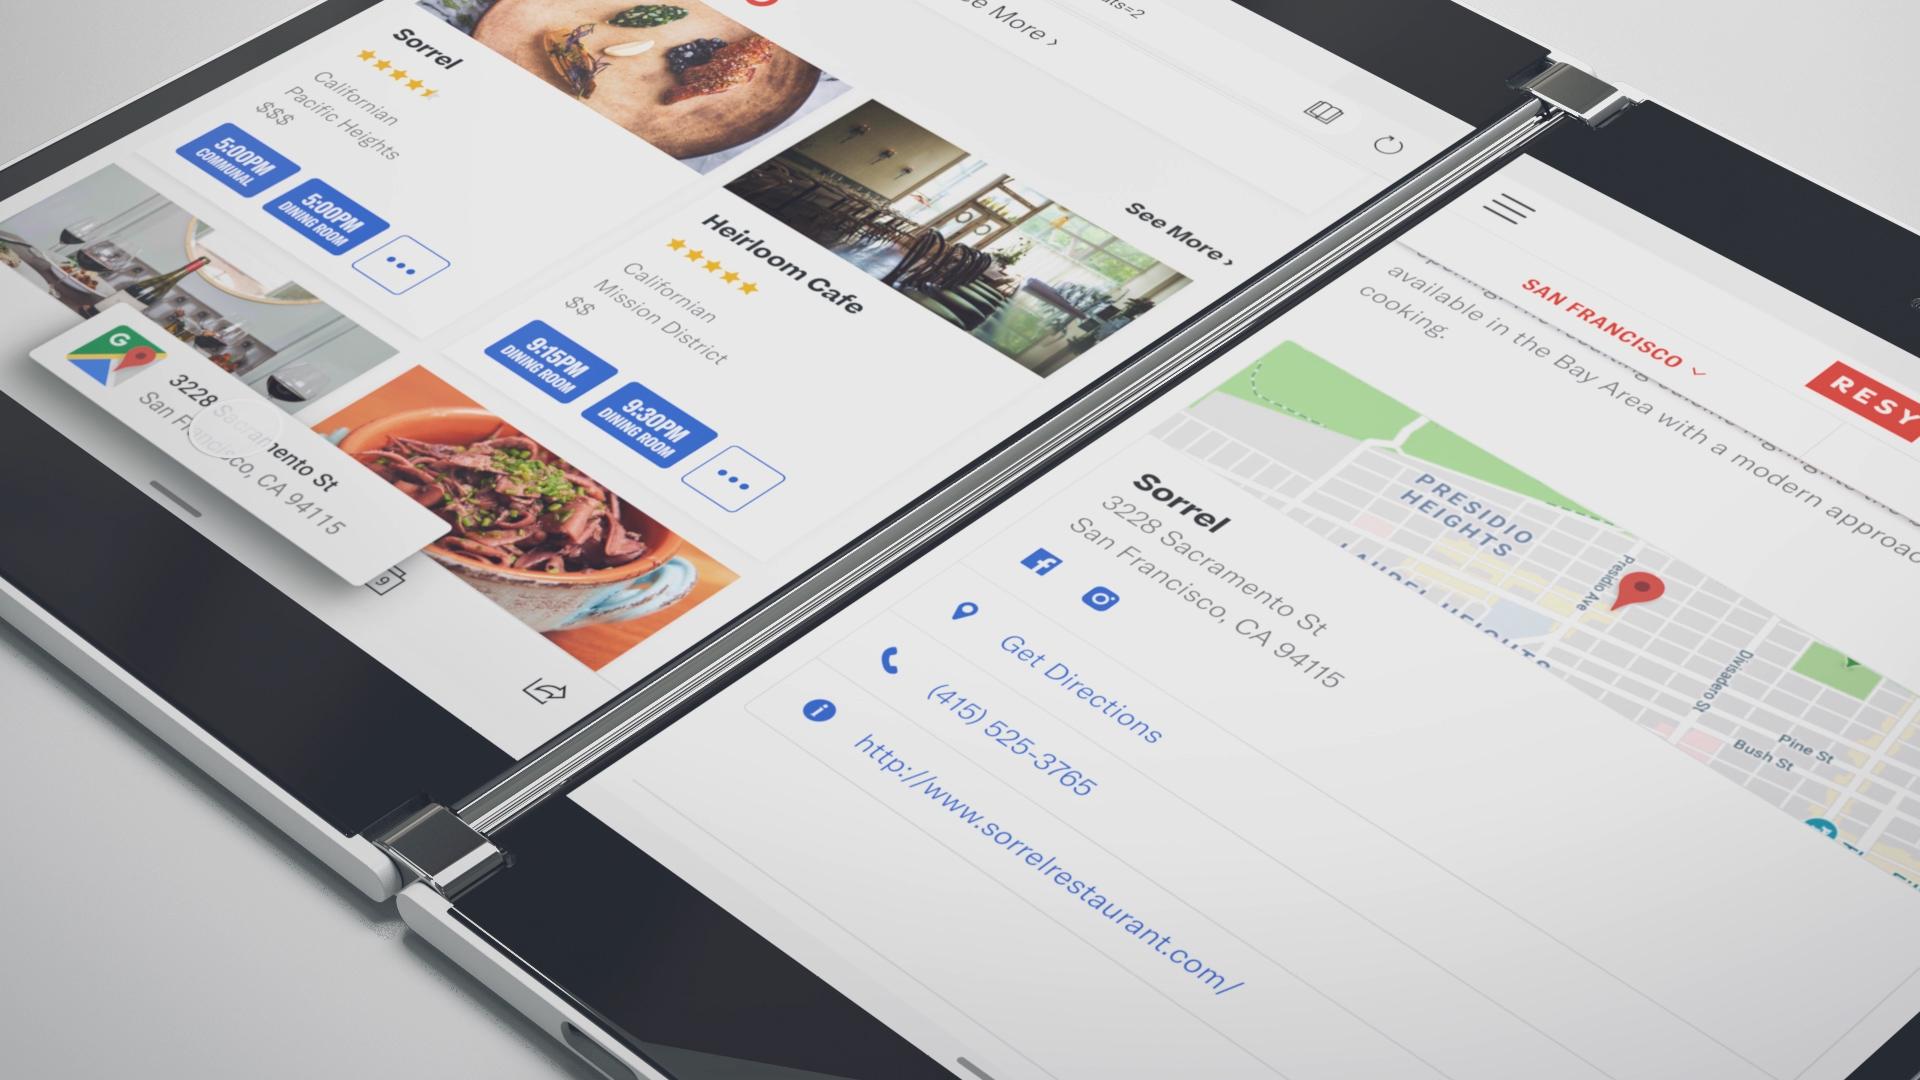 Android 12 : l'une des nouveautés va changer le multitâche et s'inspirer du Surface Duo